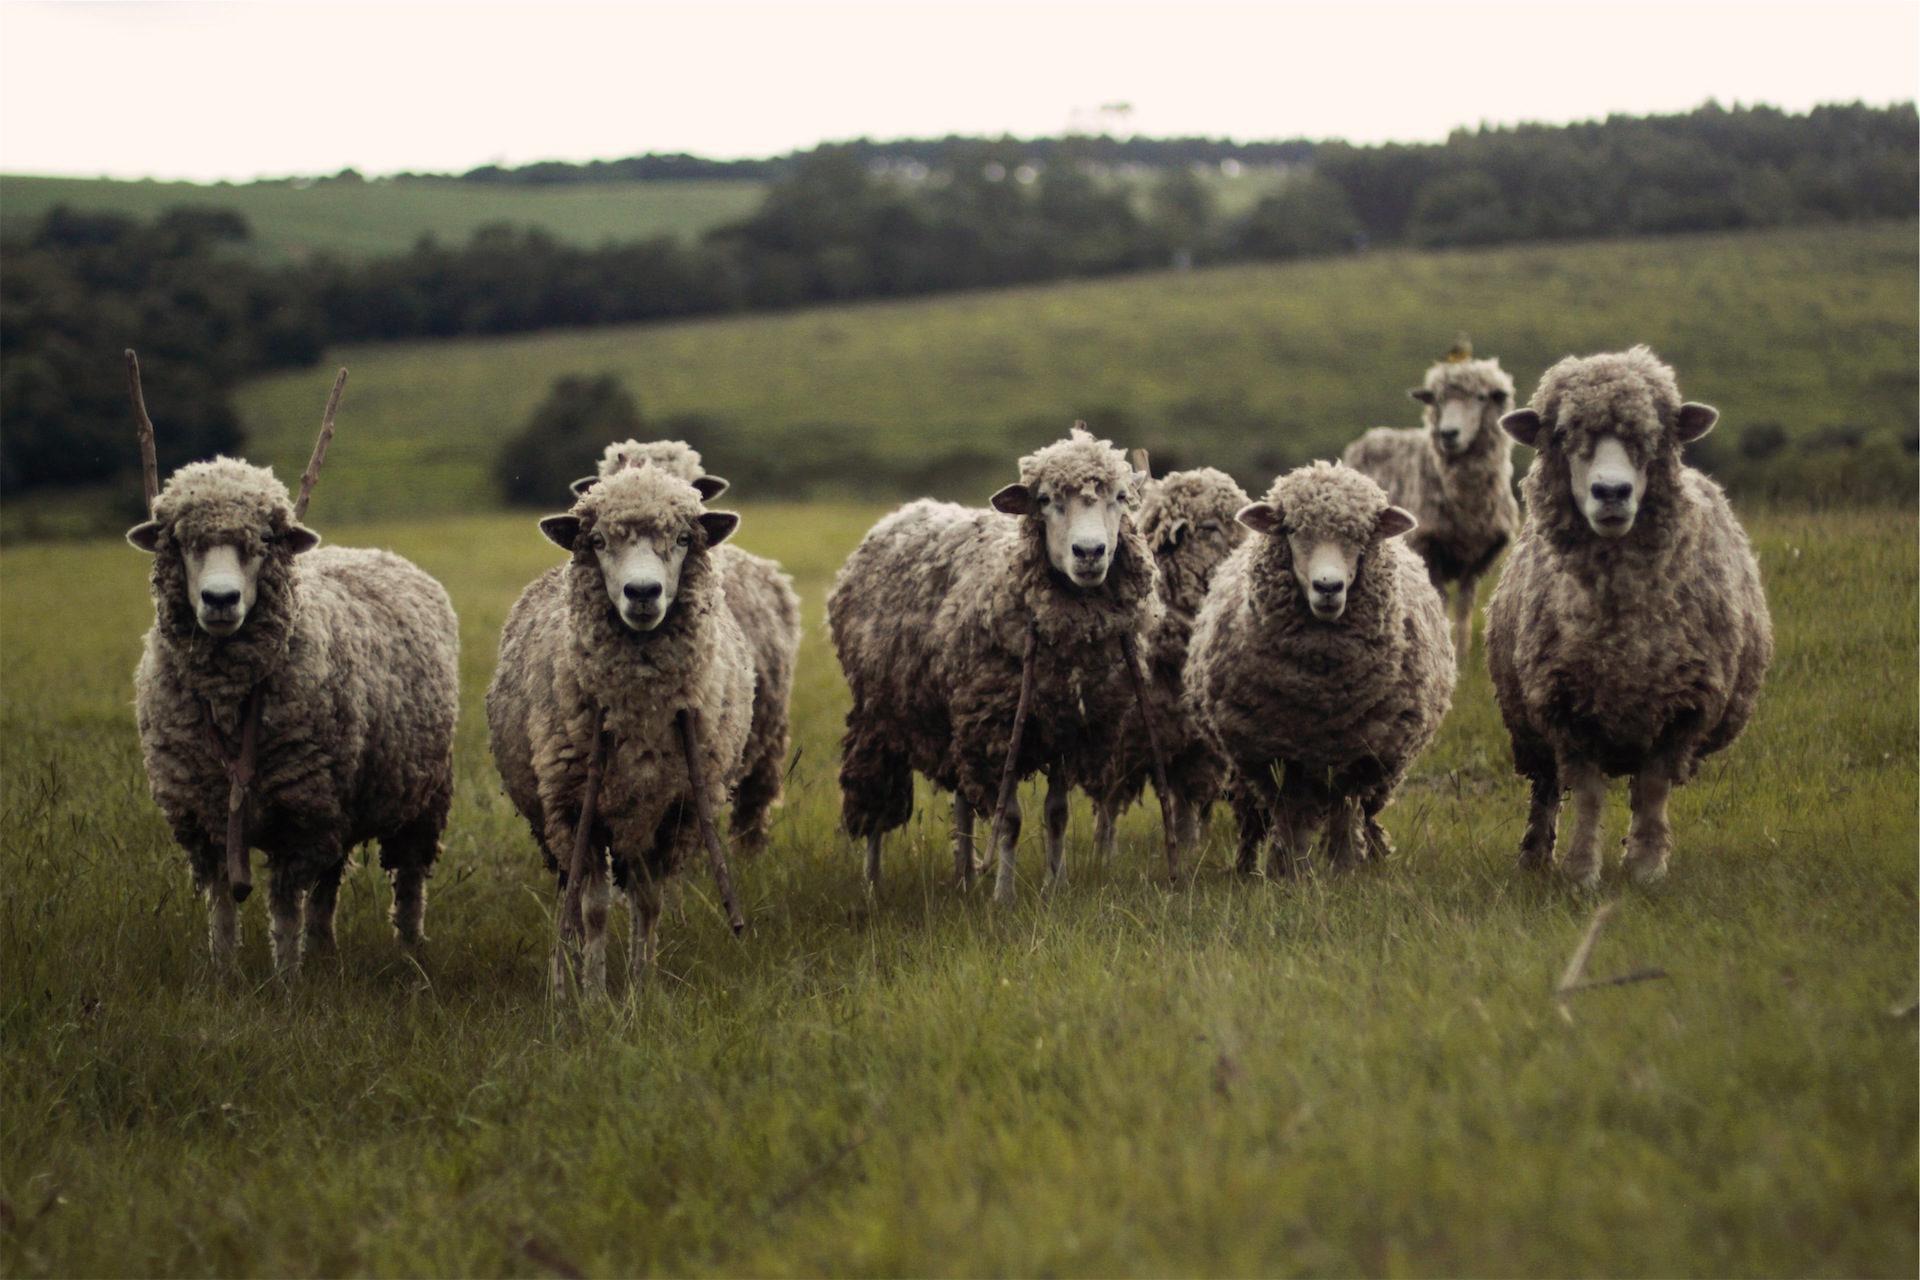 羊, 羊群, 字段, · 帕德隆, 看起来 - 高清壁纸 - 教授-falken.com